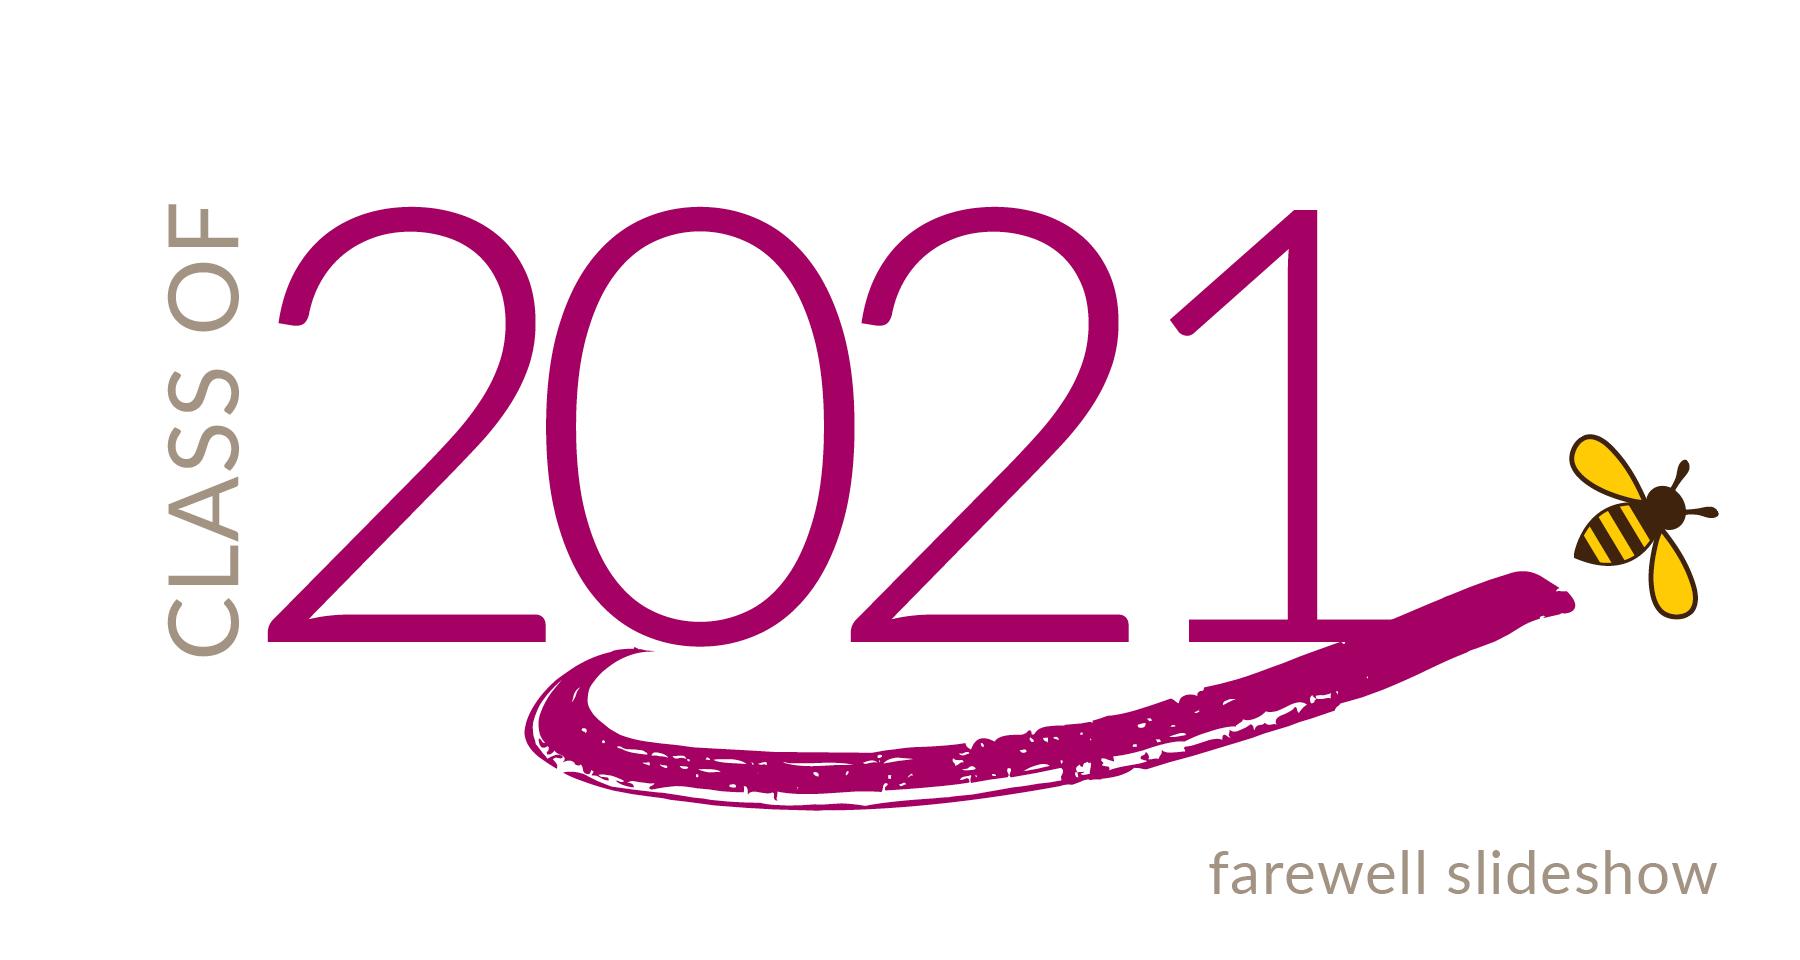 Class of 2021: Farewell Slideshow